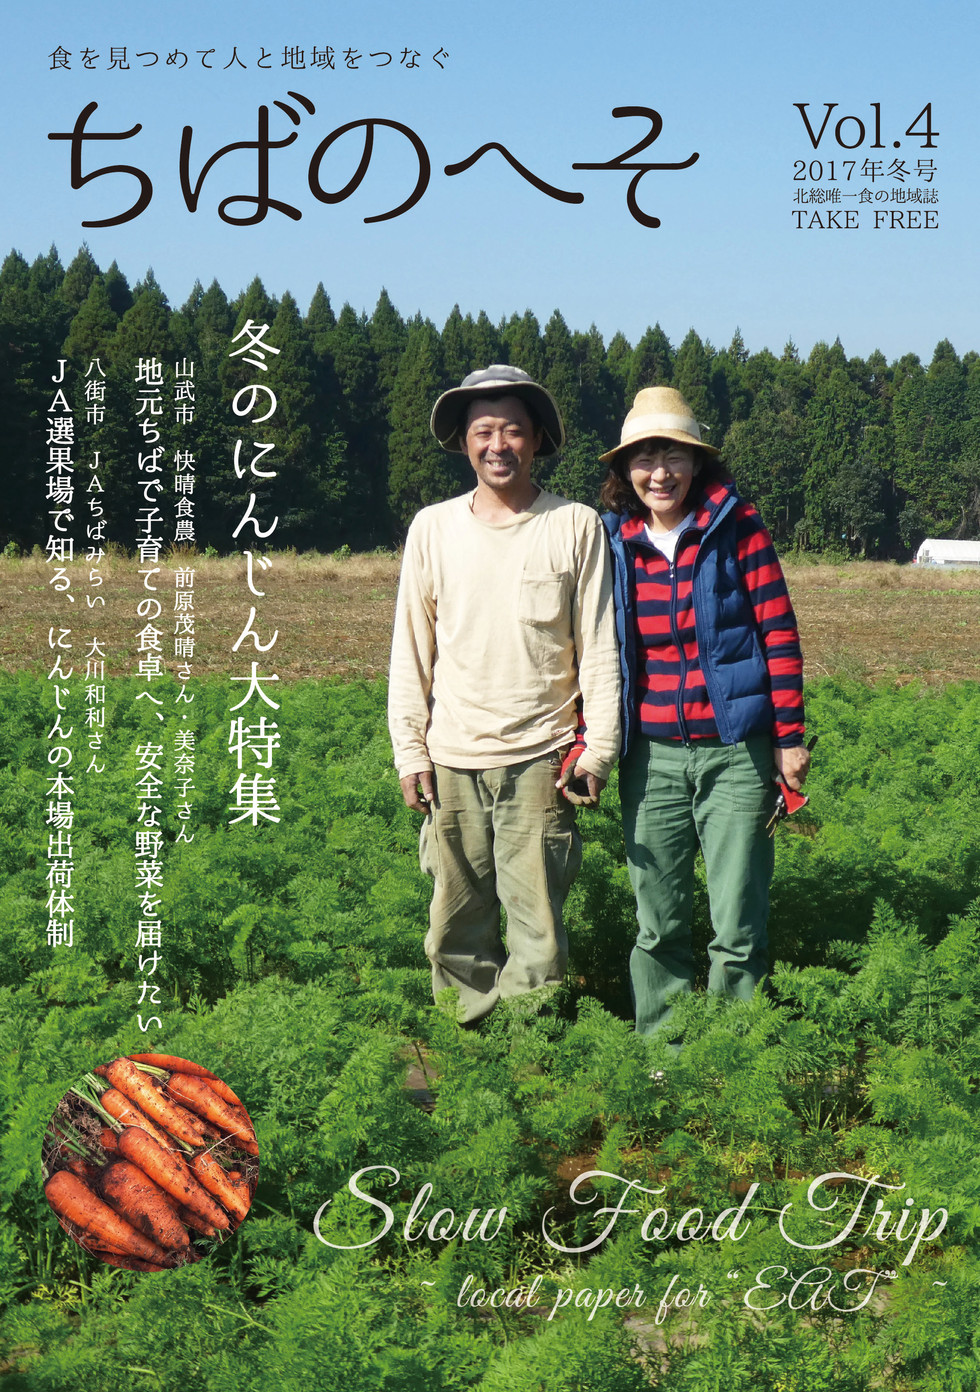 にんじん号 Vol.4